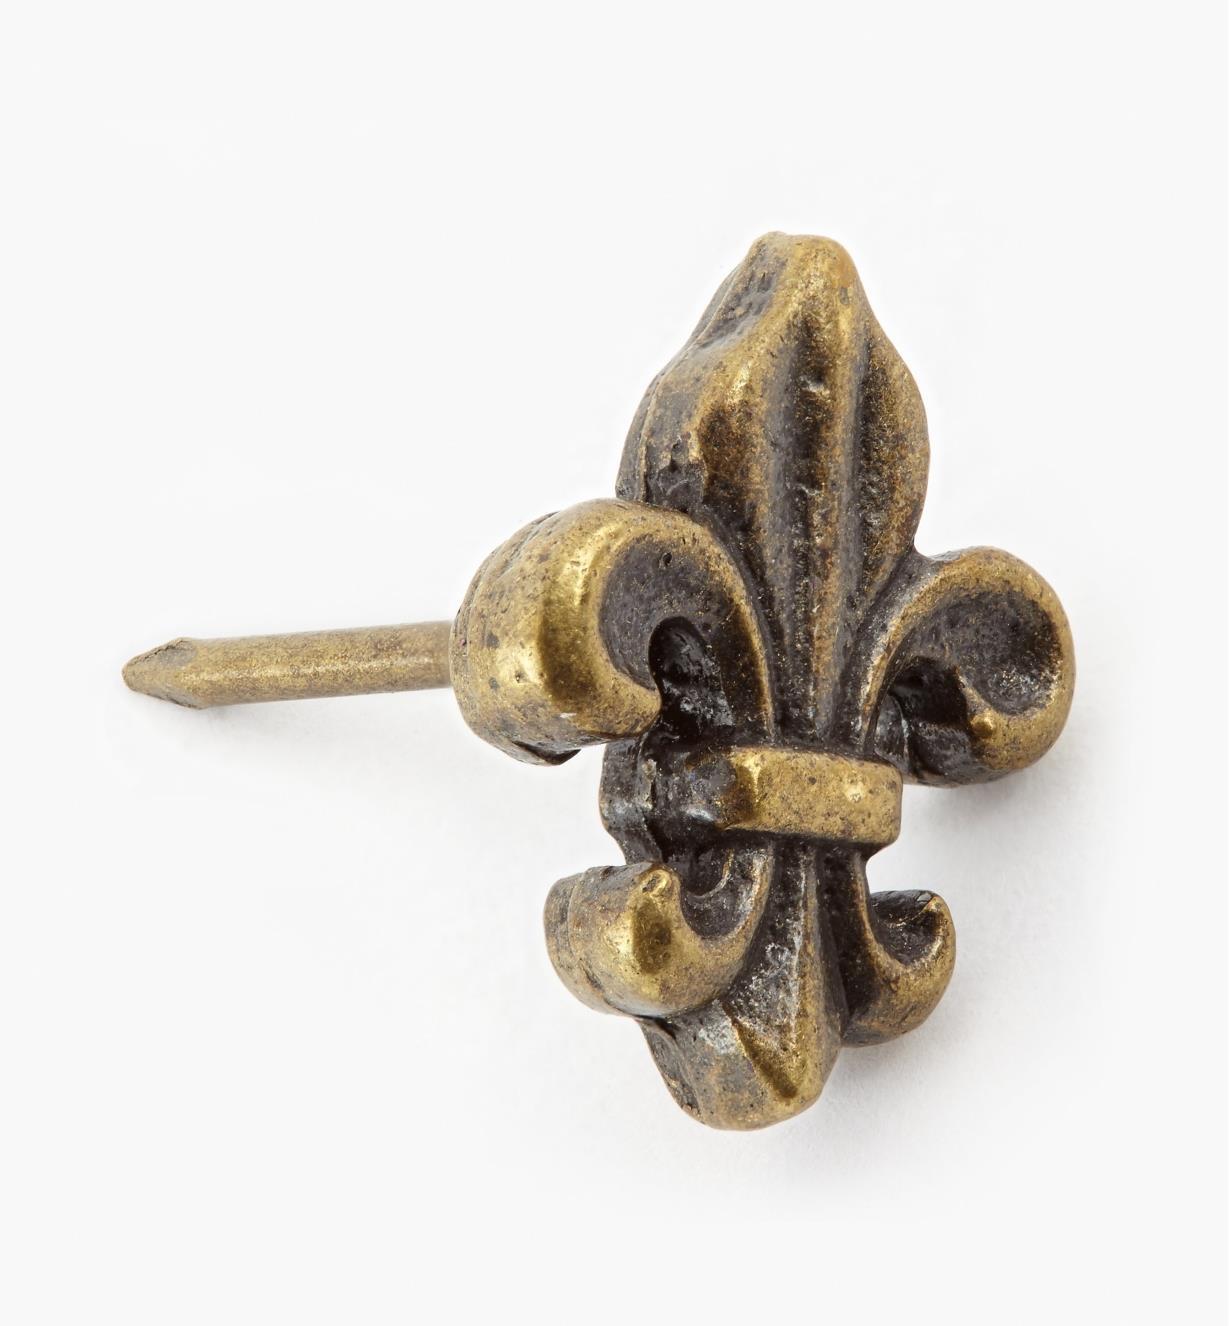 00T0935 - Clou décoratif en fleur de lys, fini laiton antique, 3/4 po x 1/2 po, l'unité